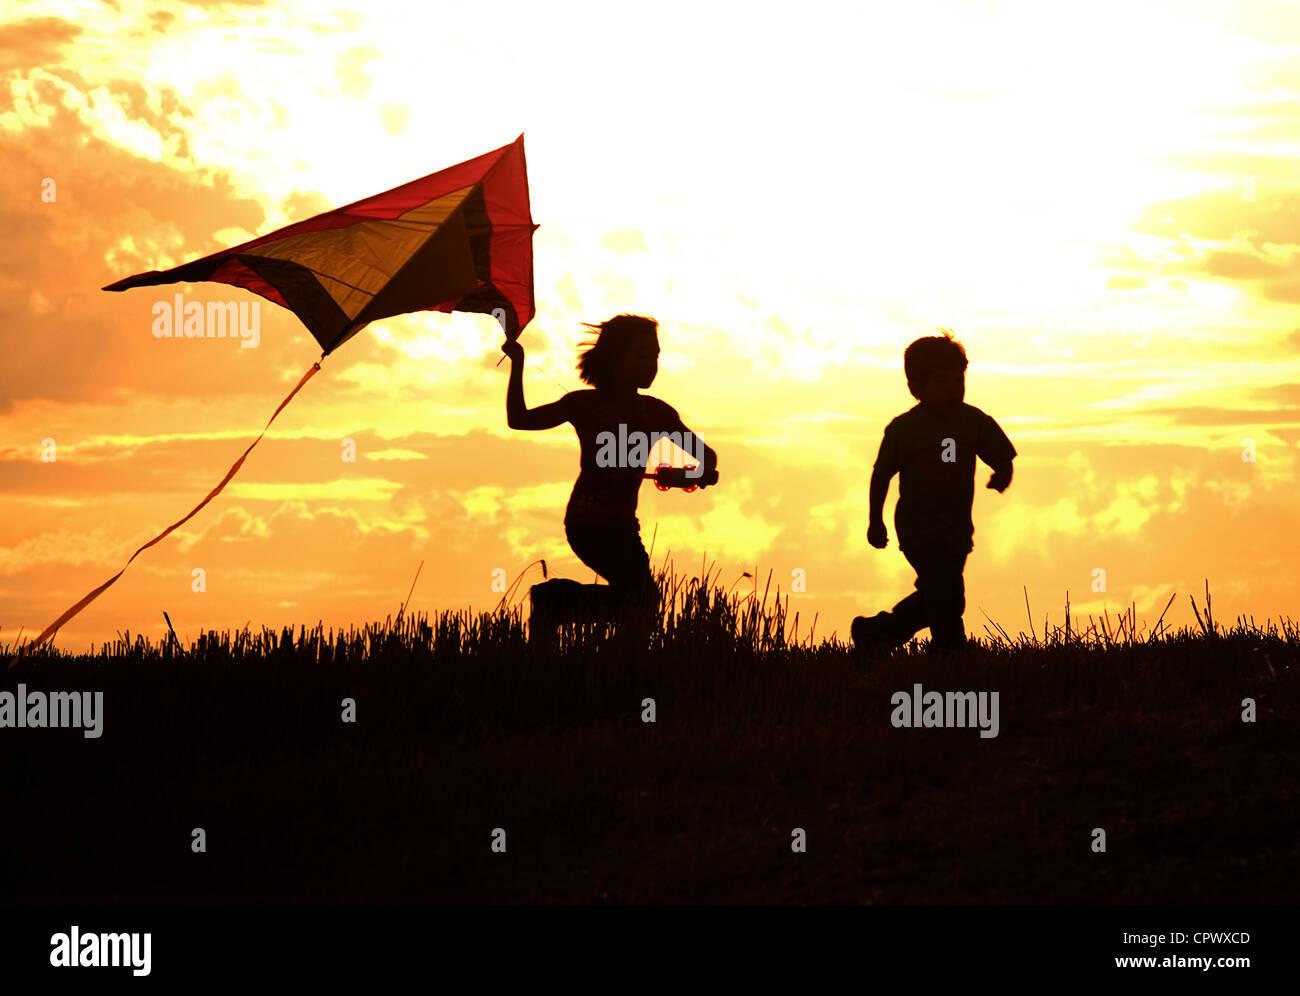 Duas crianças a voar um kite em sunset invocar memórias de infância. Imagens de Stock